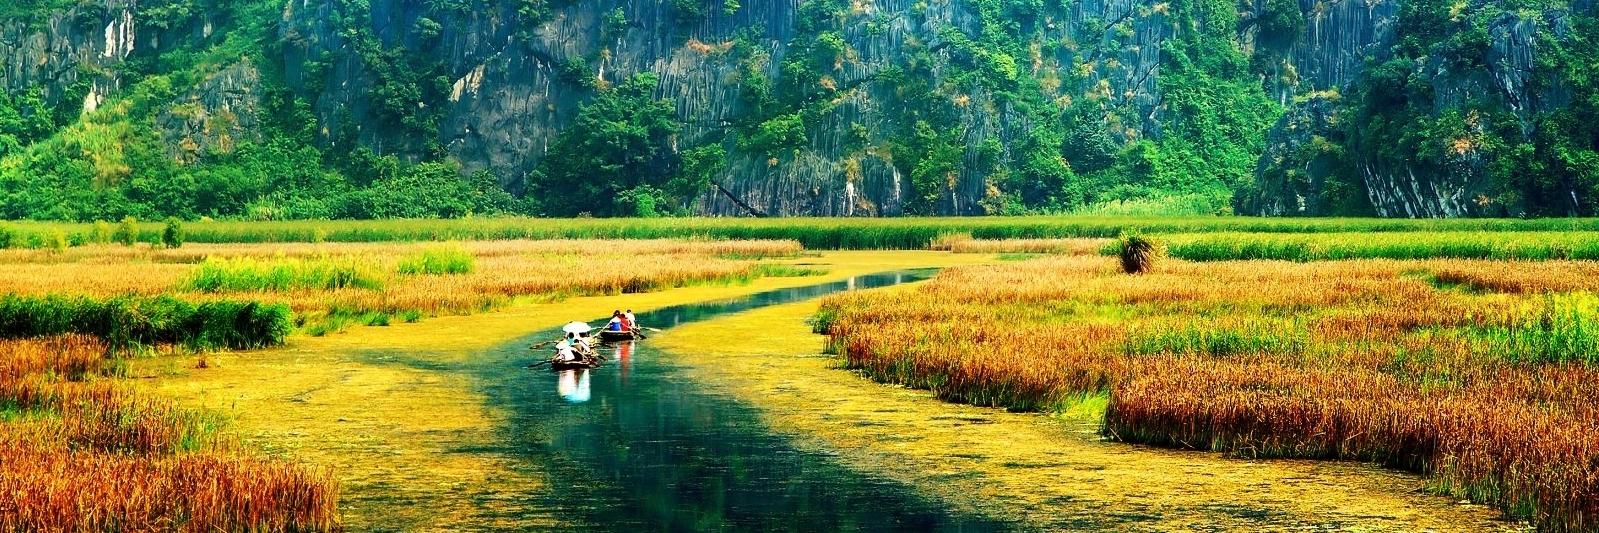 https://gody.vn/blog/thanhduy211987/post/cung-ngam-nhin-nhung-canh-dong-lua-vao-o-tam-coc-vao-mua-dep-nhat-trong-nam-3663